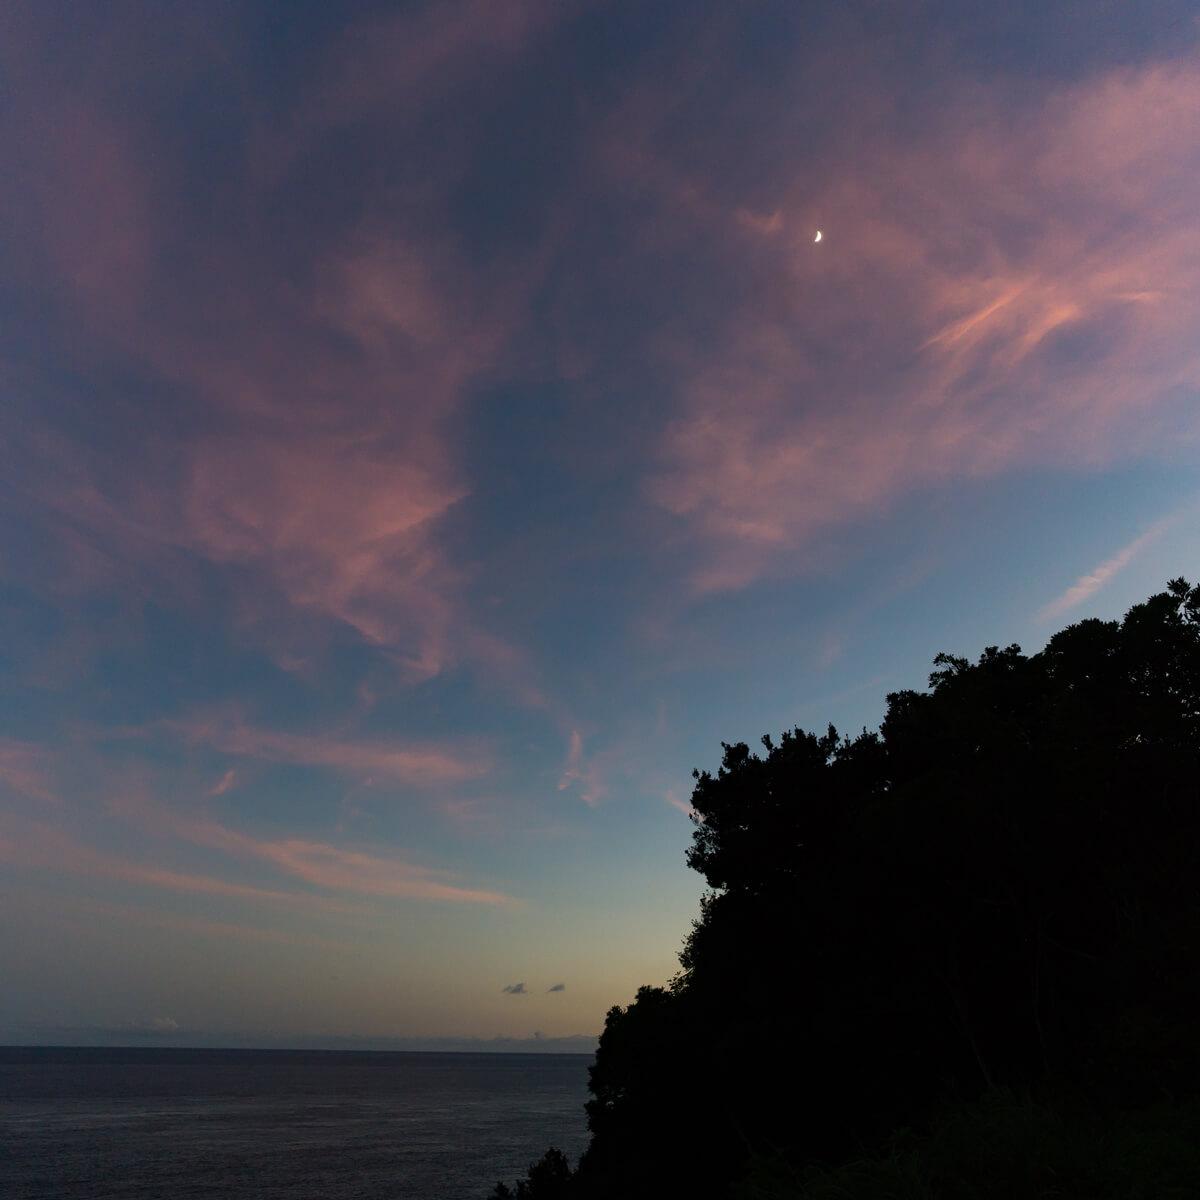 屋久島の月夜 海、空 屋久島日々の暮らしとジュエリー オーダーメイドジュエリーのモチーフ